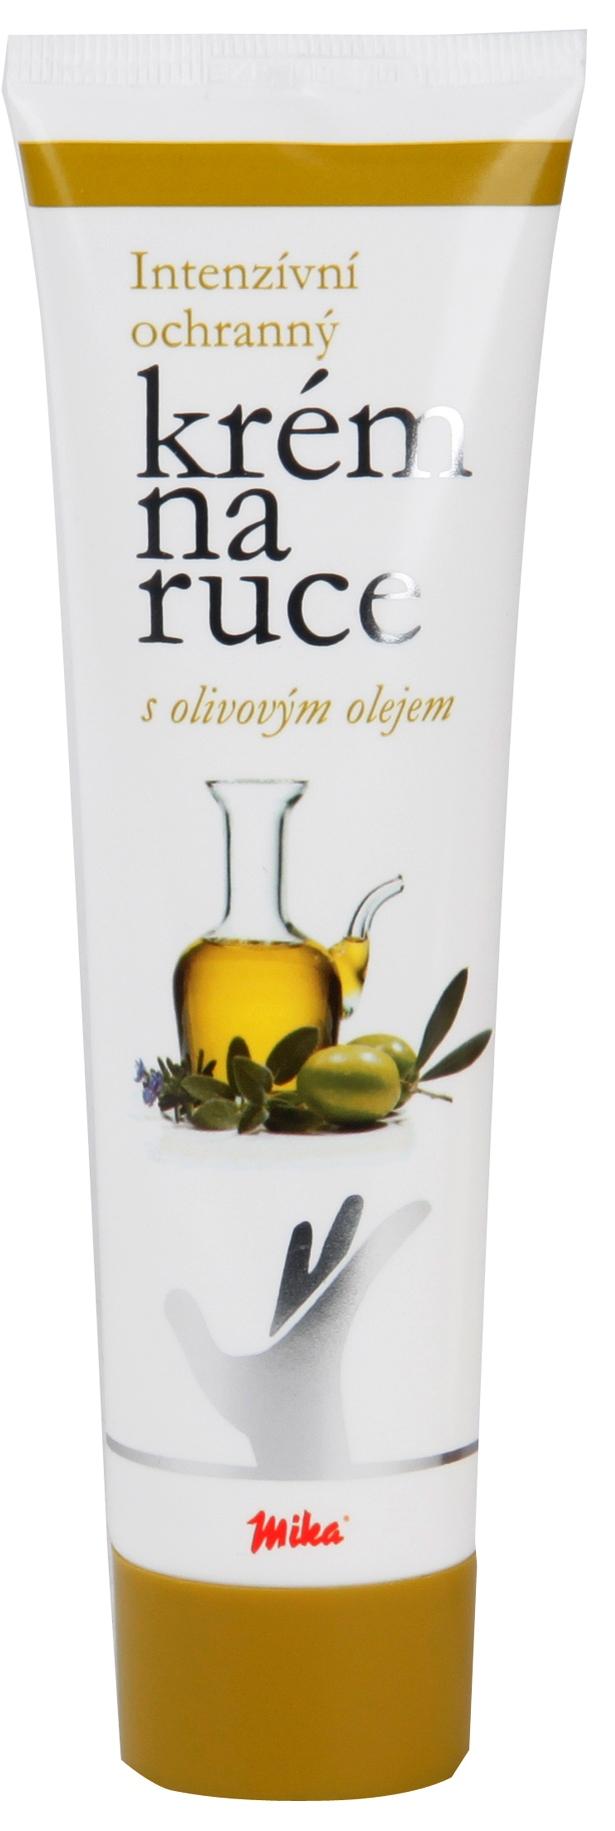 Mika Olivový olej intenzivní ochranný krém na ruce 100 ml